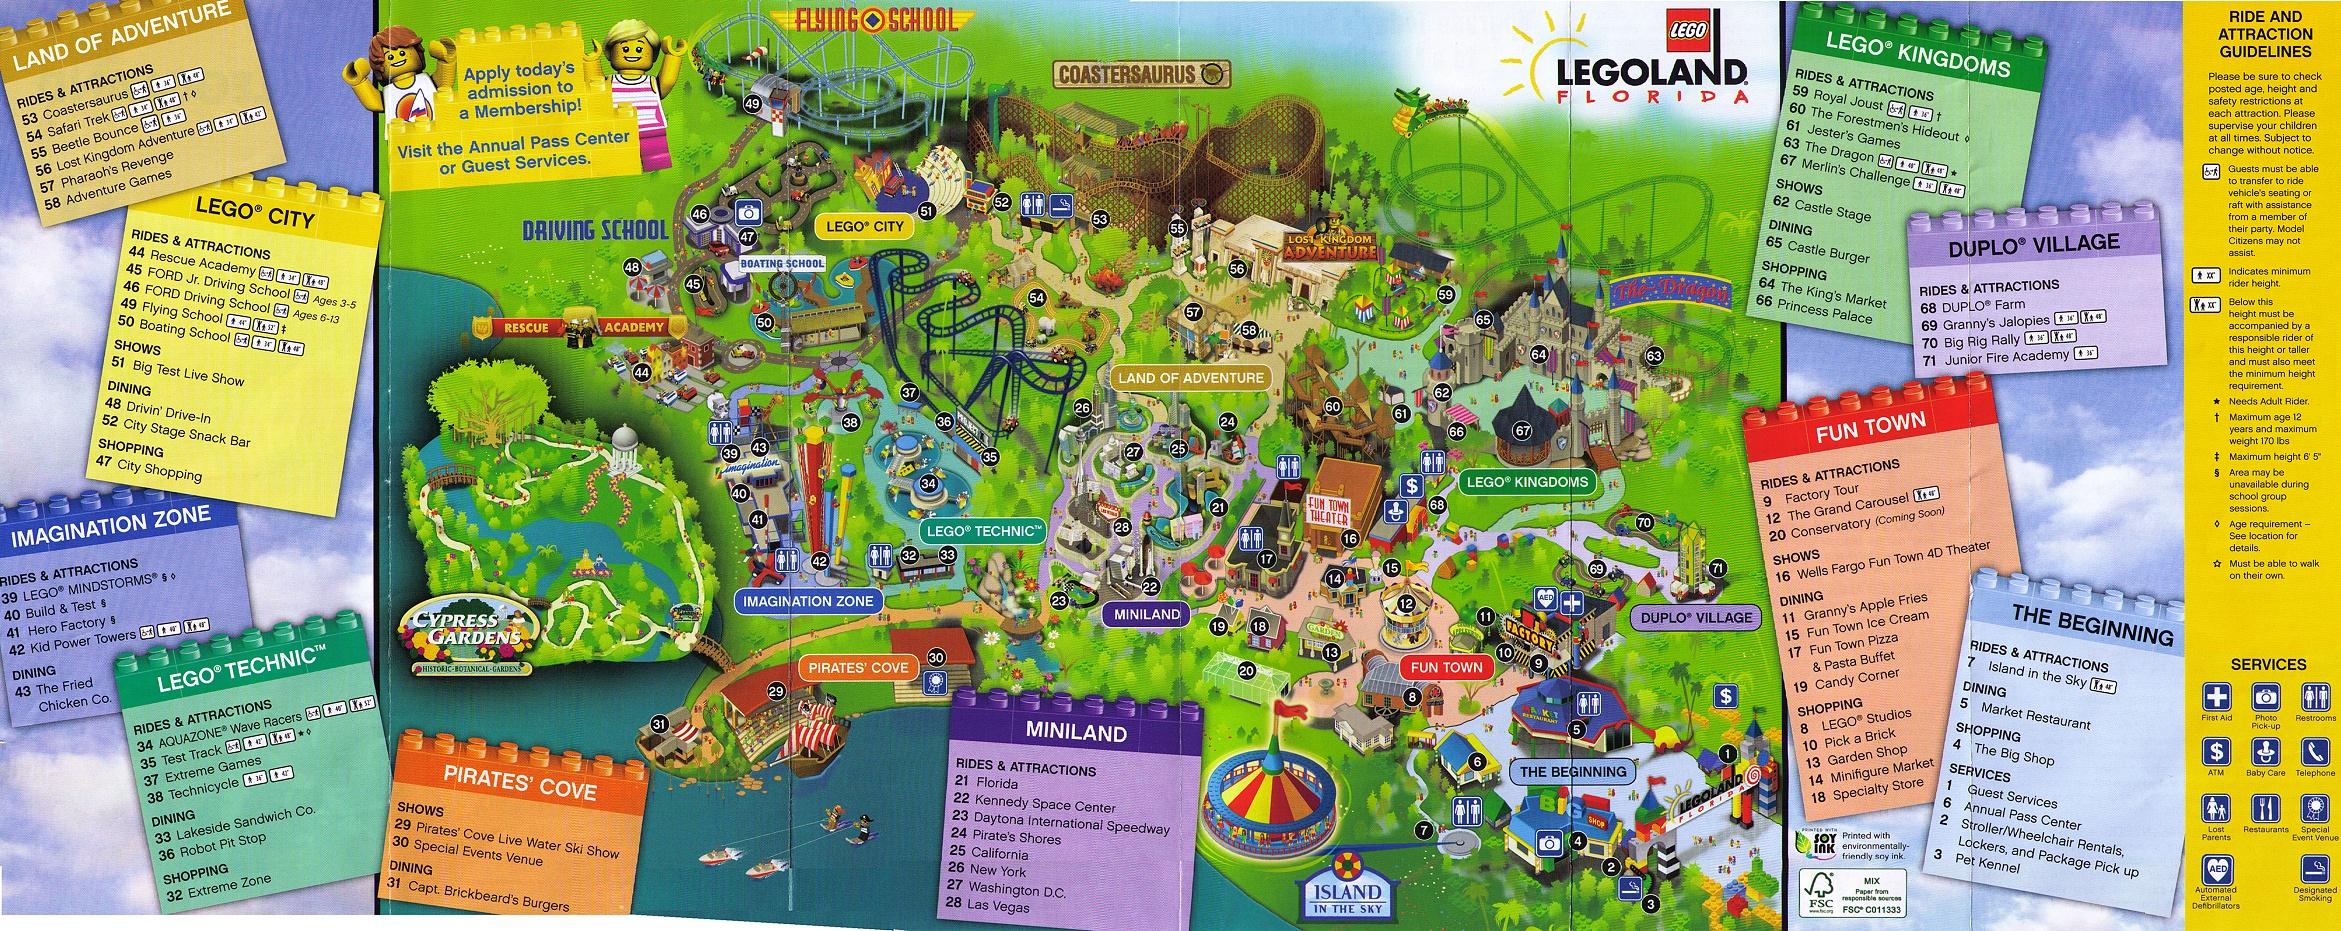 Park Map 1 At Legoland Florida Photos - Florida Botanical Gardens Map